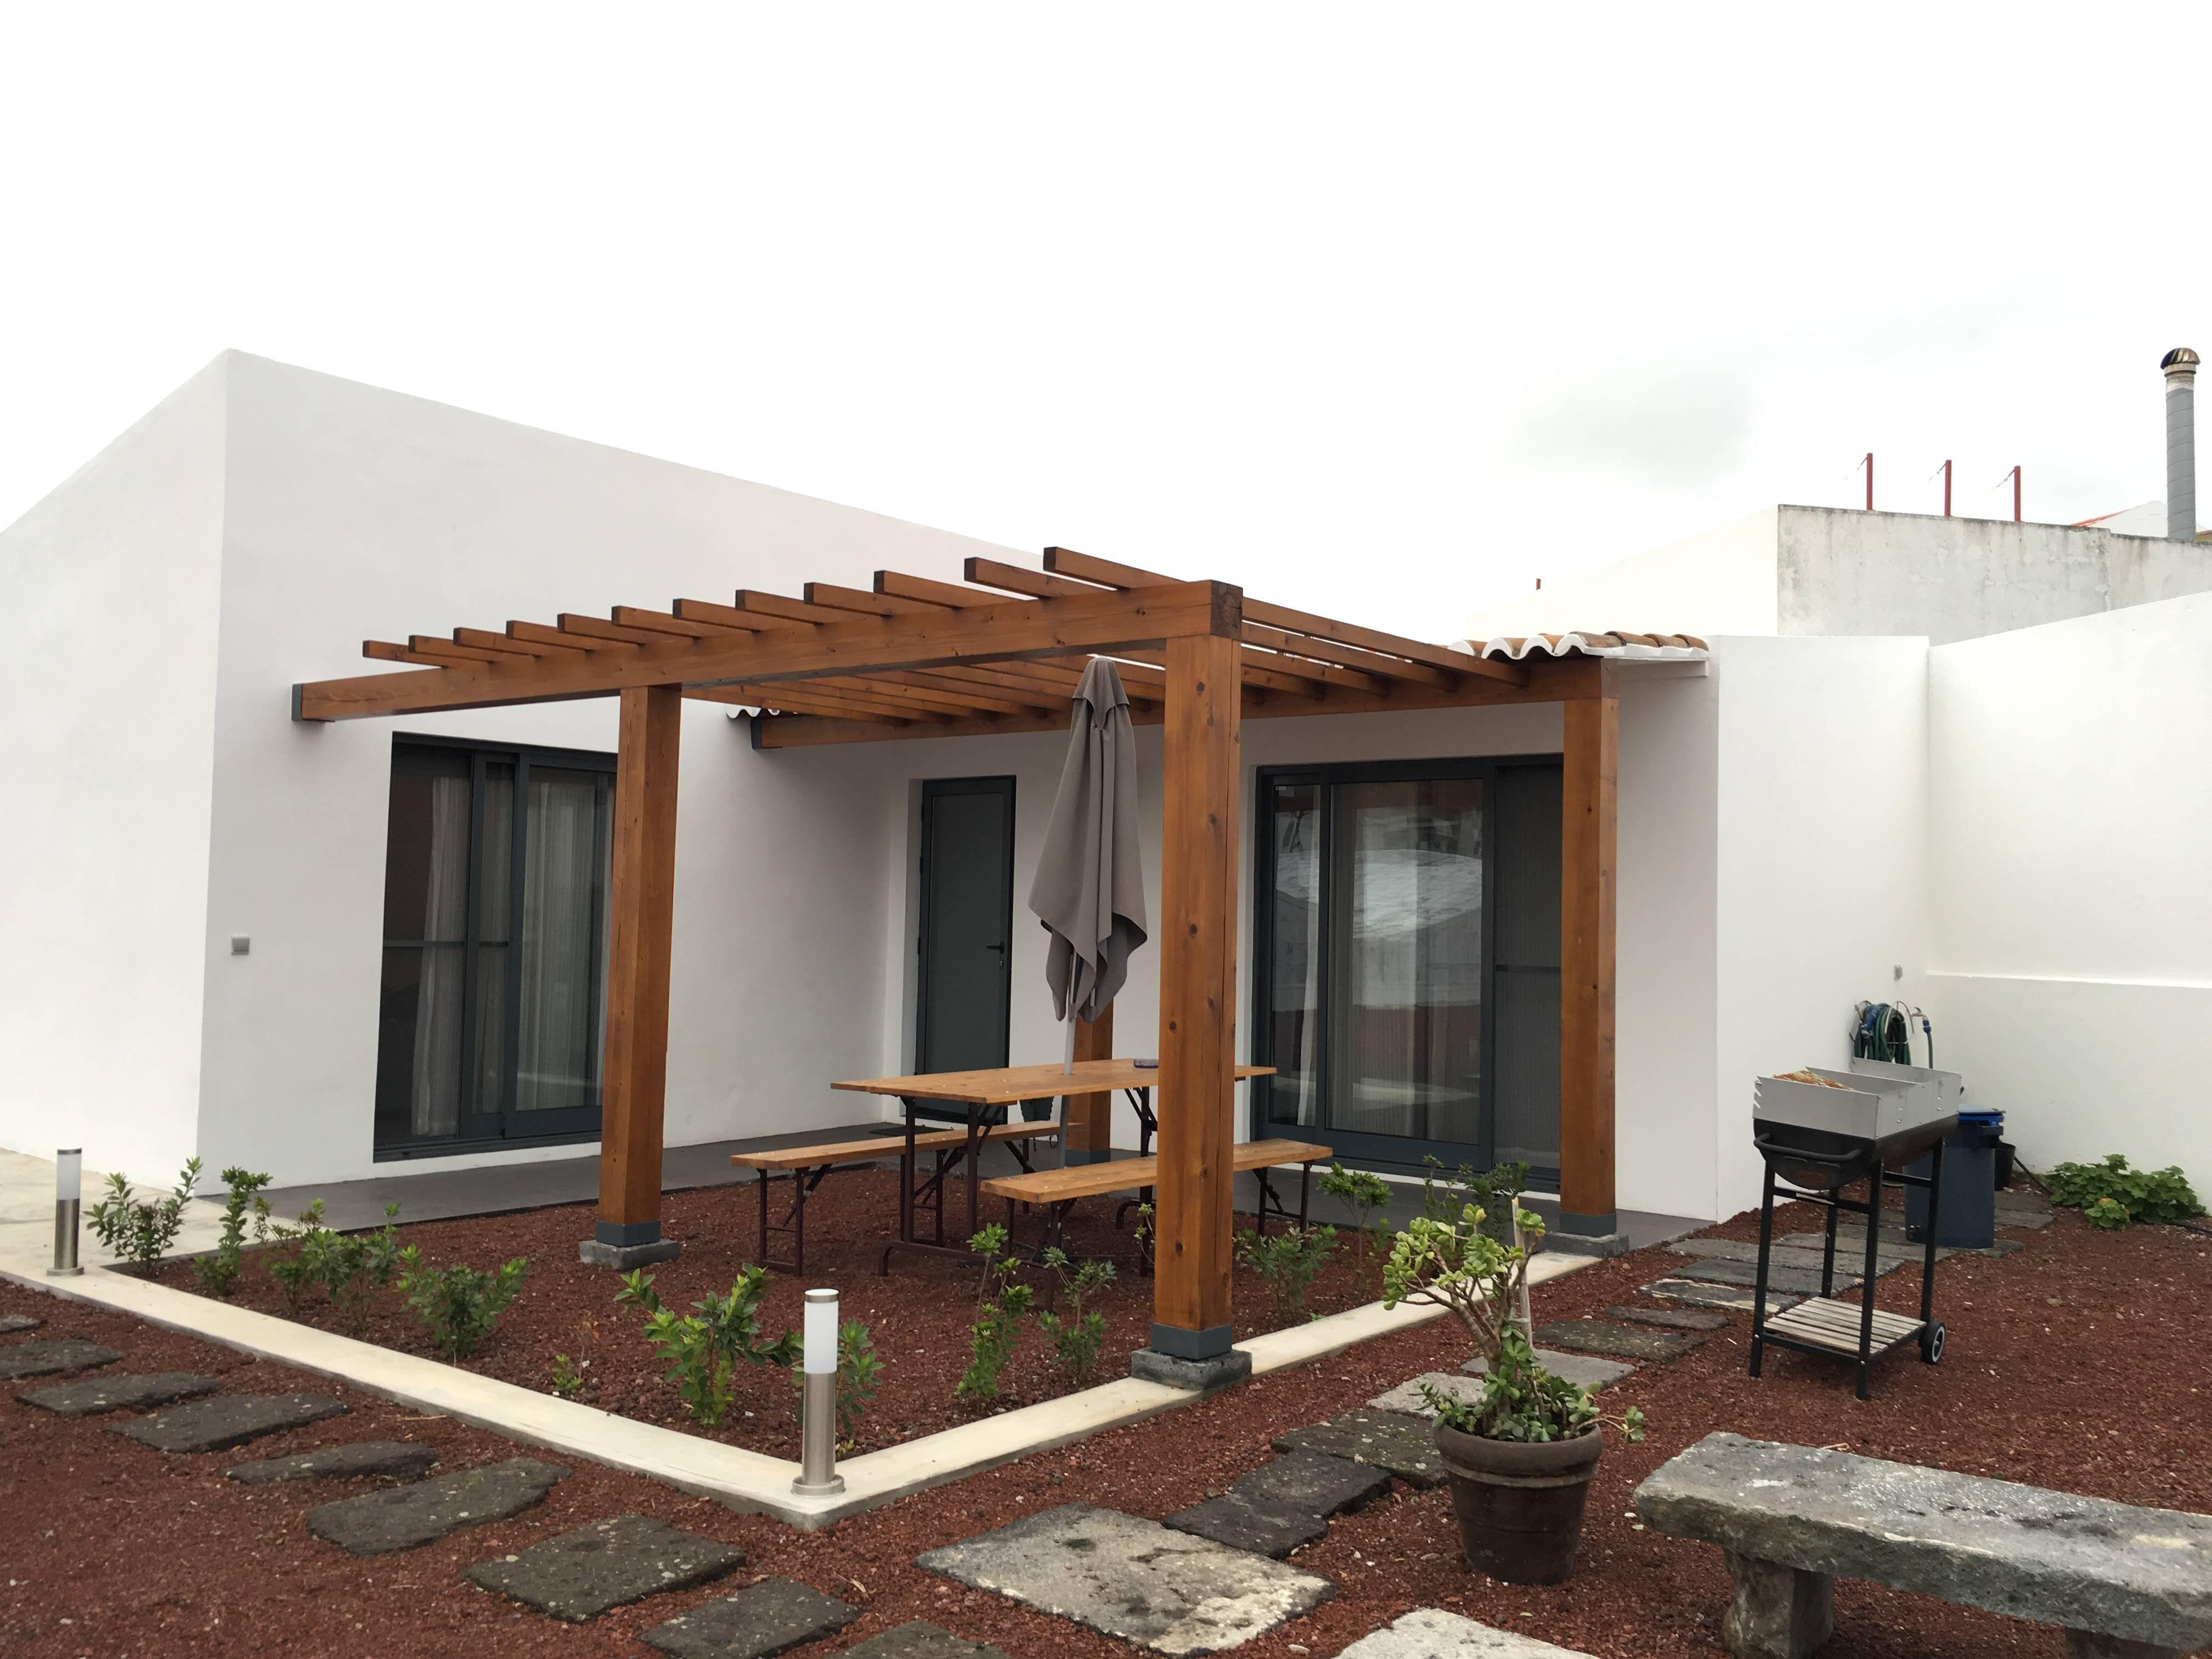 Photo 1: Pinaepple house à Ponta Delgada - Açores